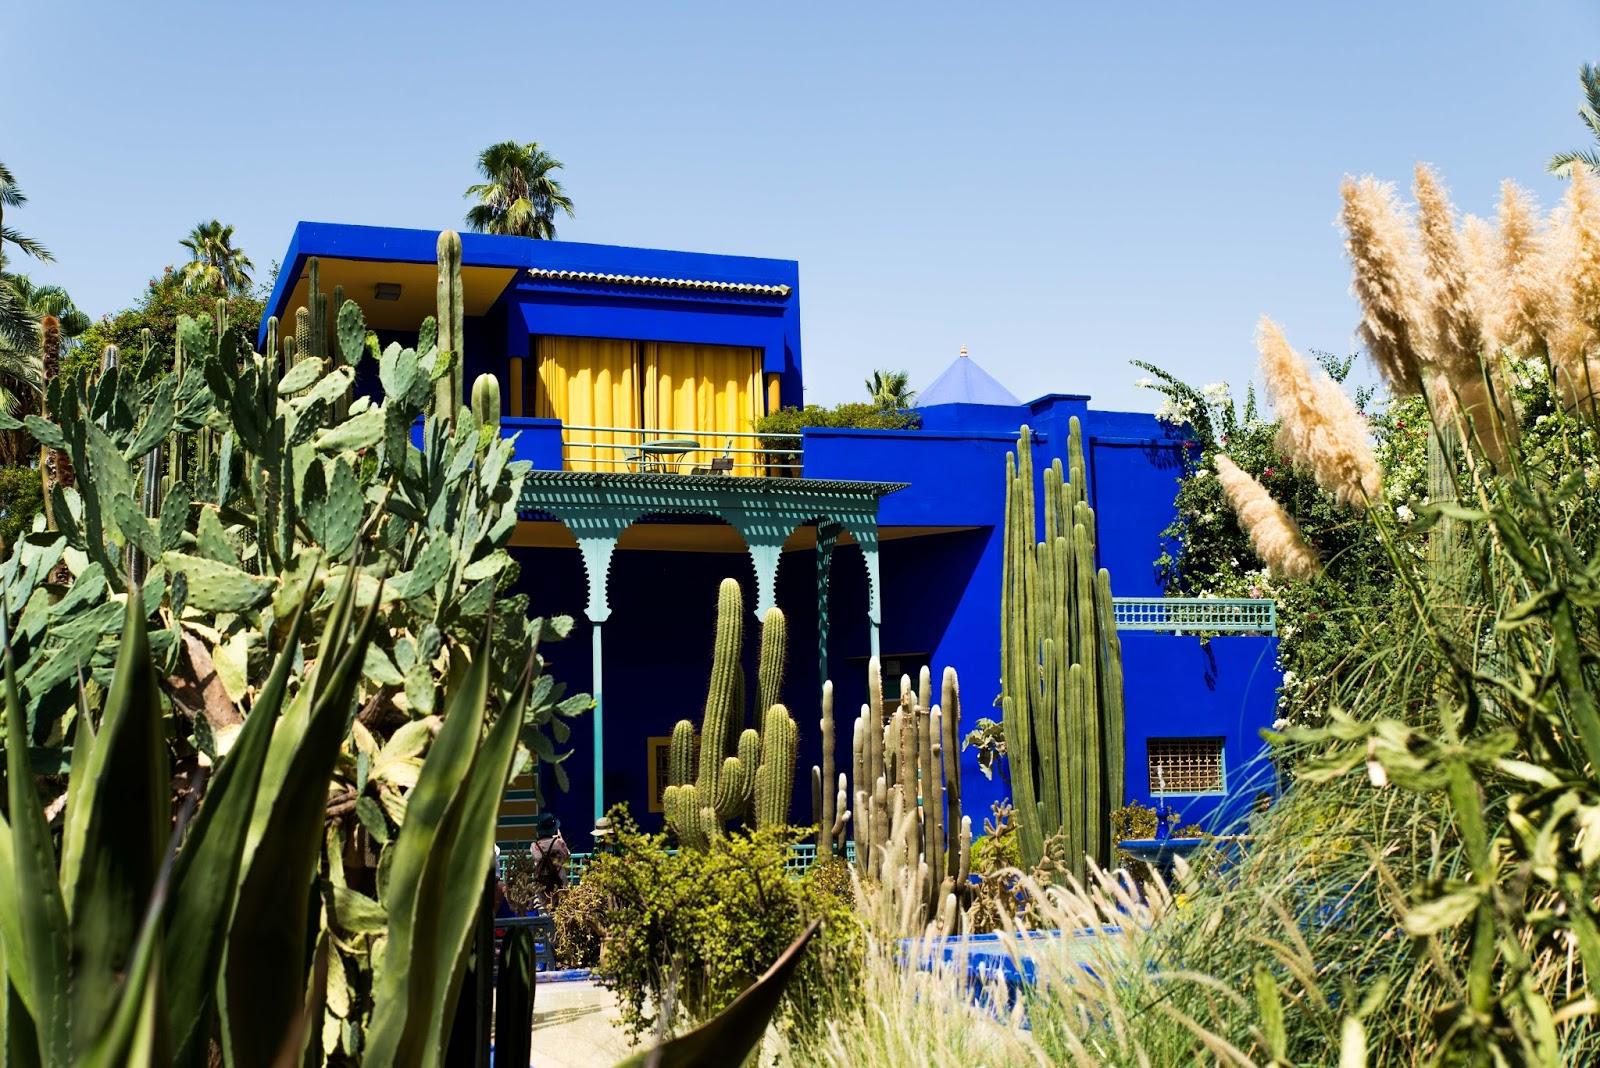 YSL's Jardin Majorelle, Marrakech garden liquidgrain liquid grain